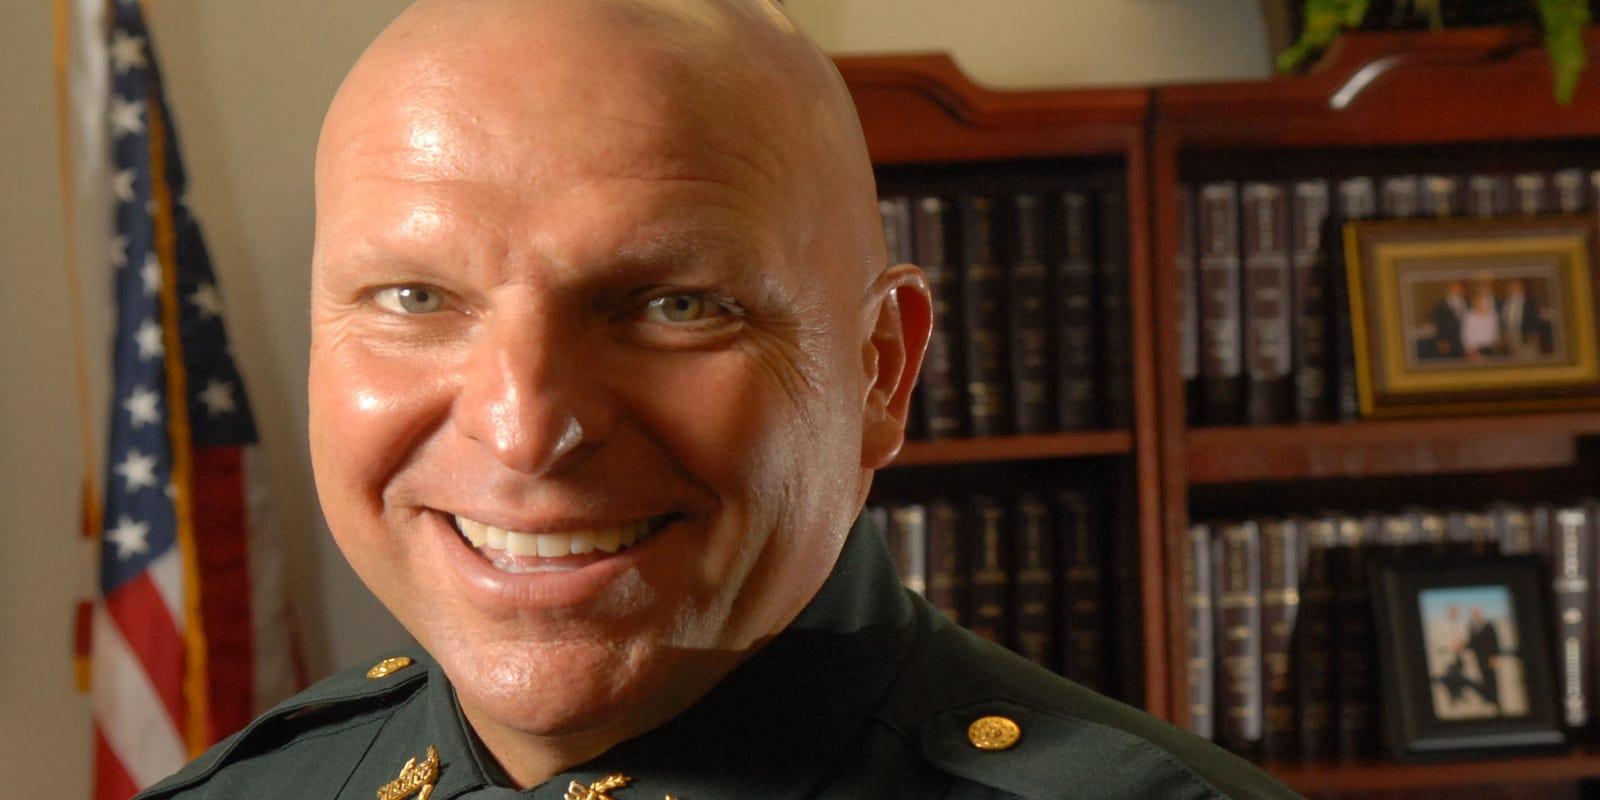 Sheriff Mike Scott announces retirement effective Sept  24